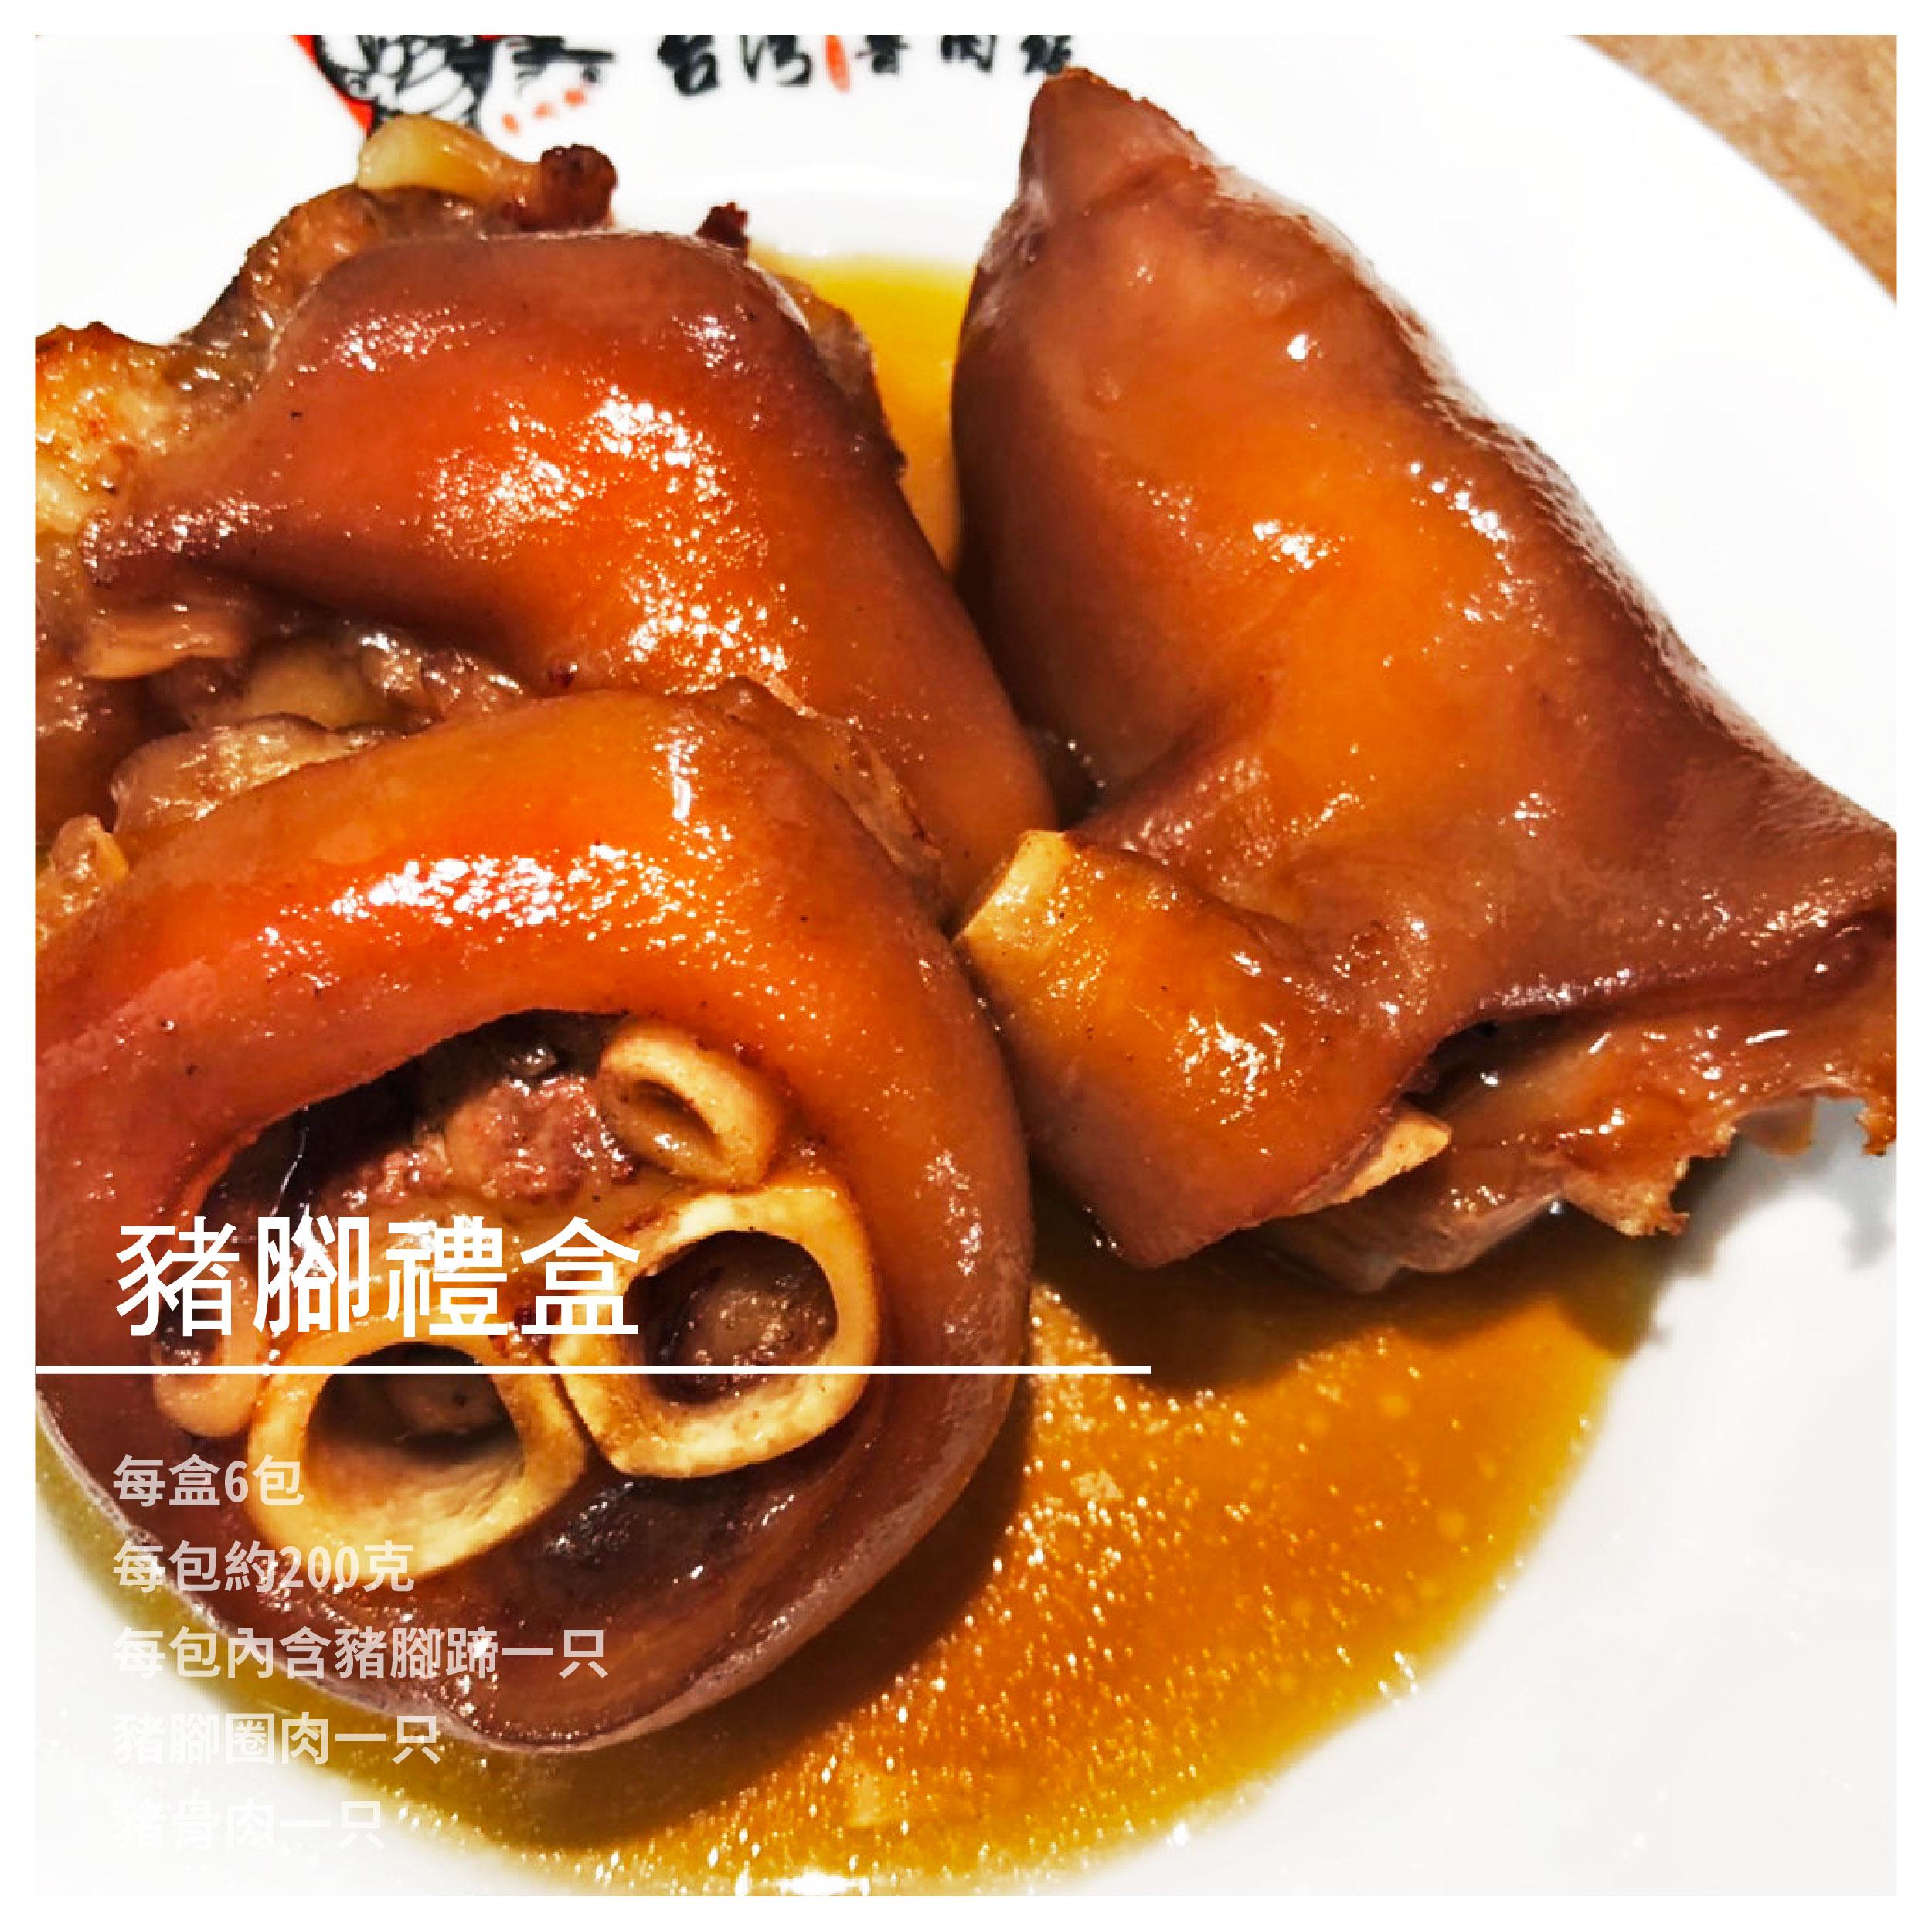 【台灣魯肉飯】豬腳禮盒